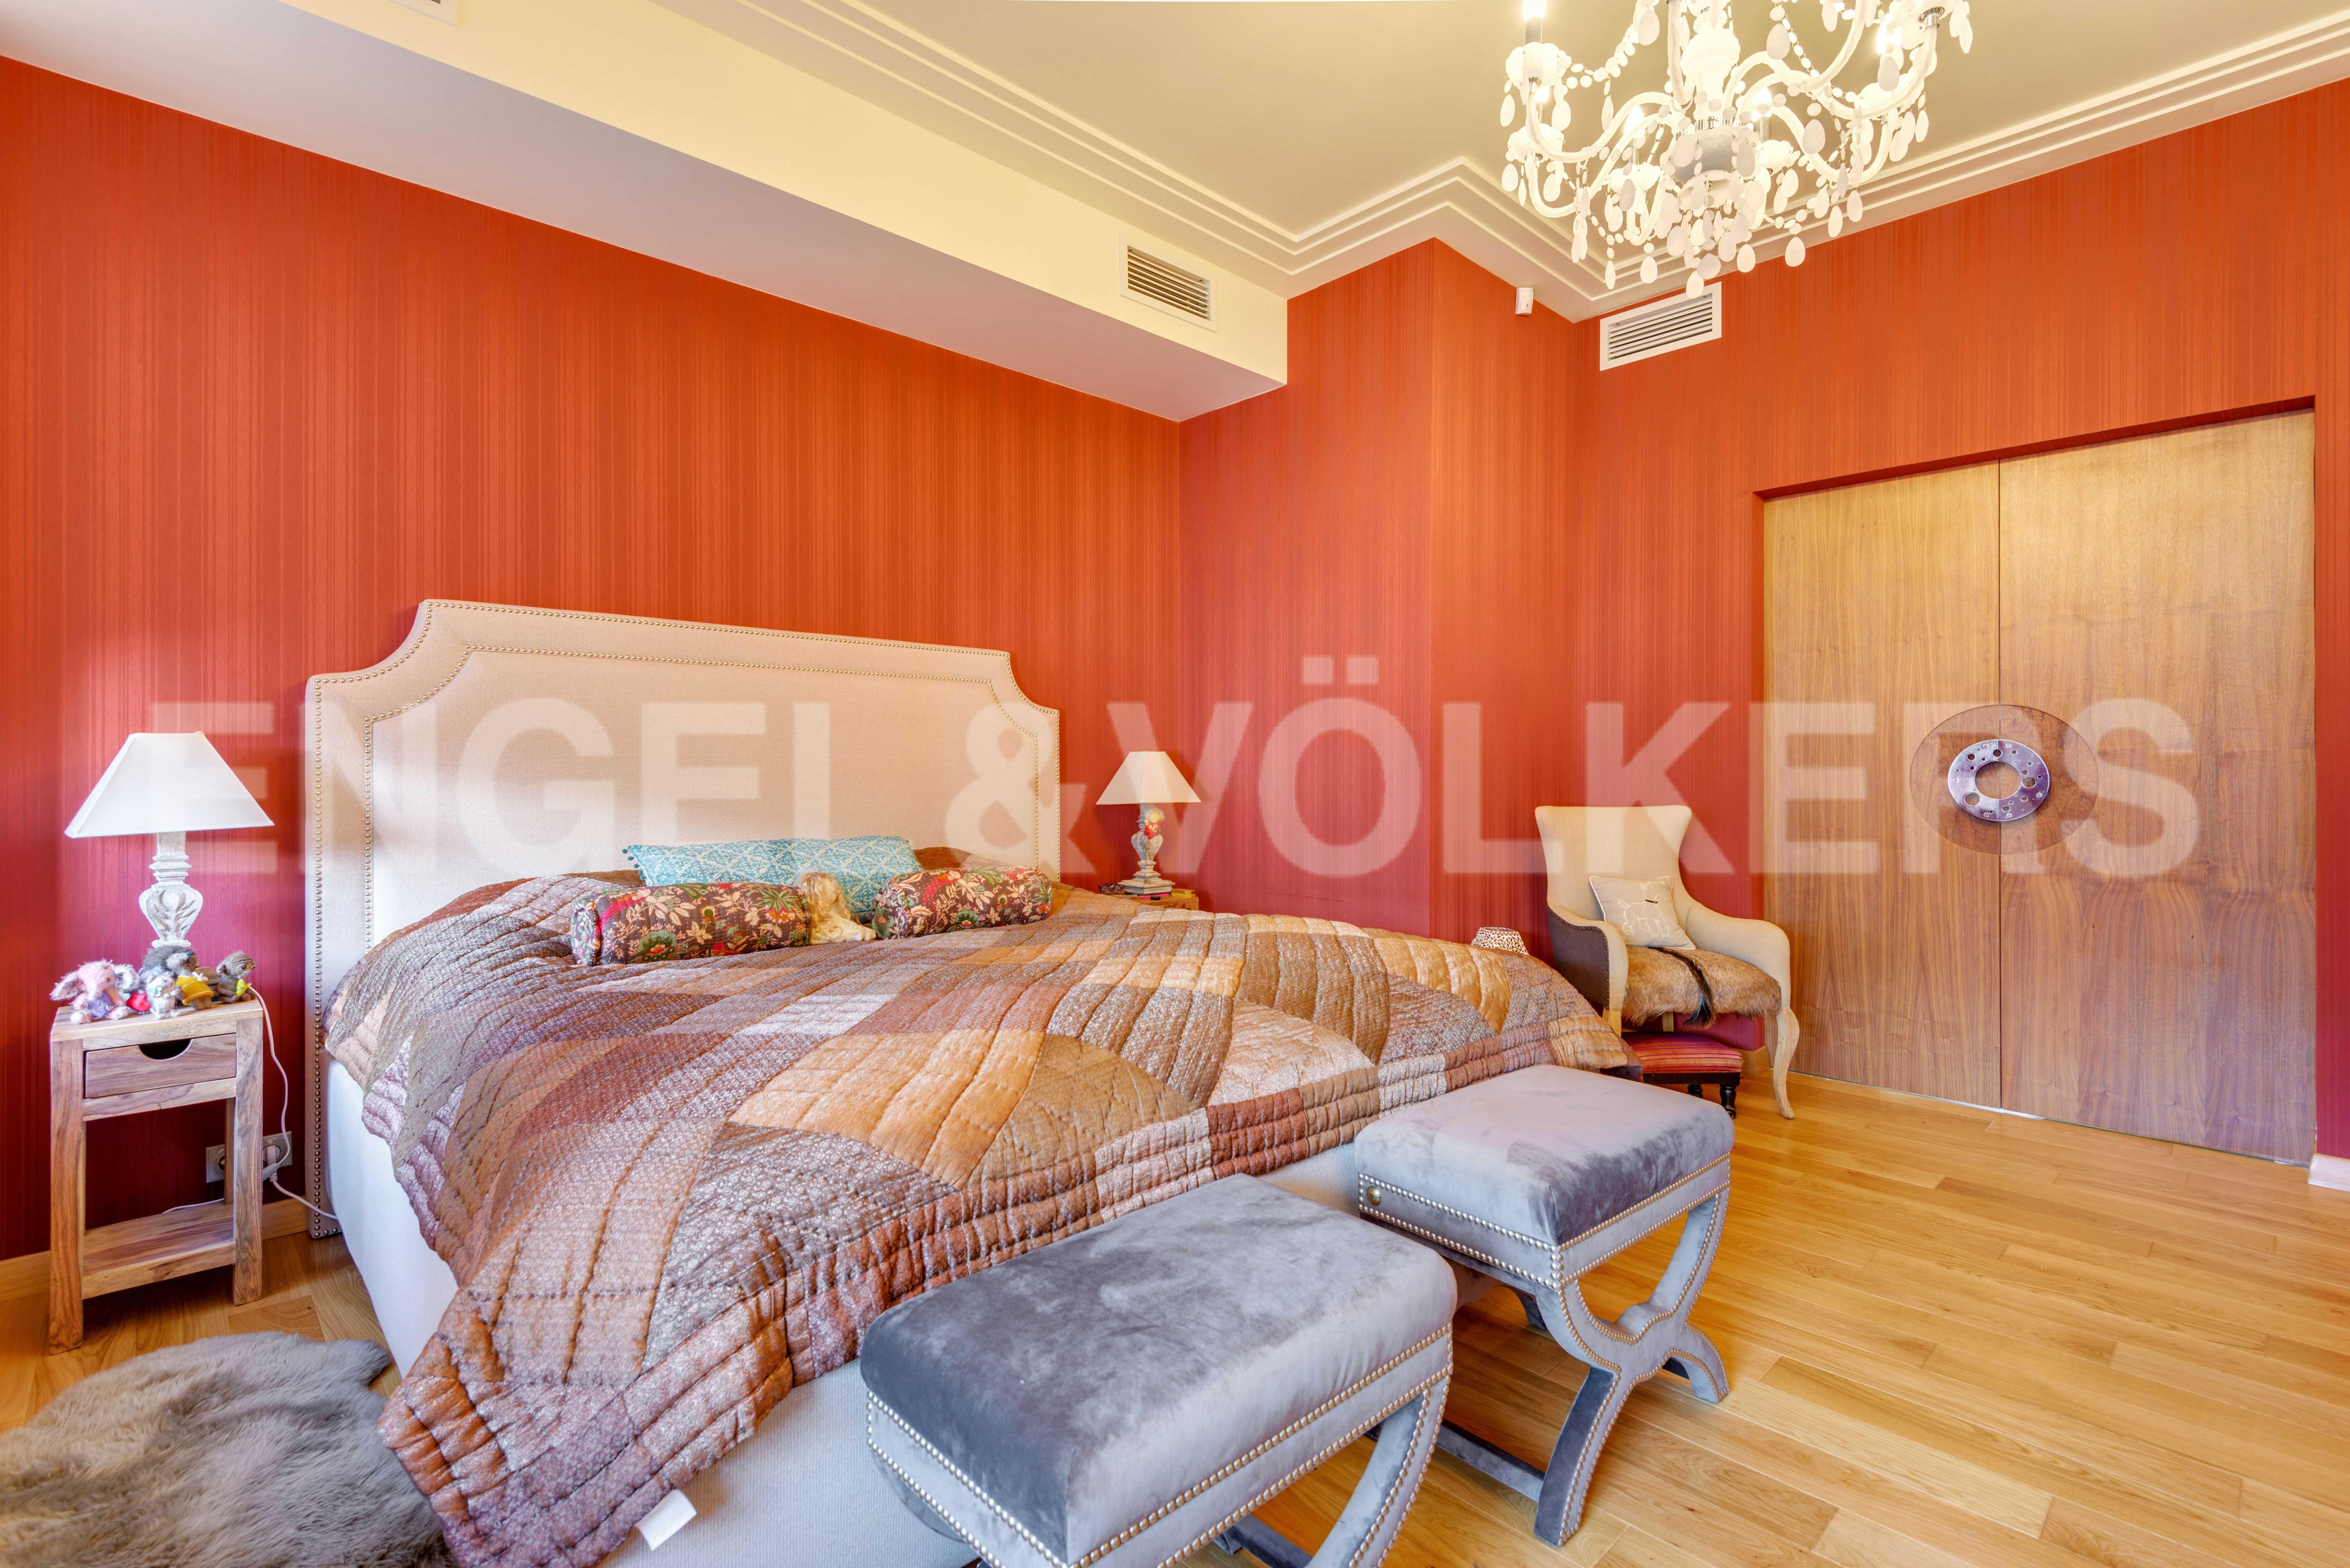 Элитные квартиры в Центральном районе. Санкт-Петербург, Захарьевская, 16. Основная спальня